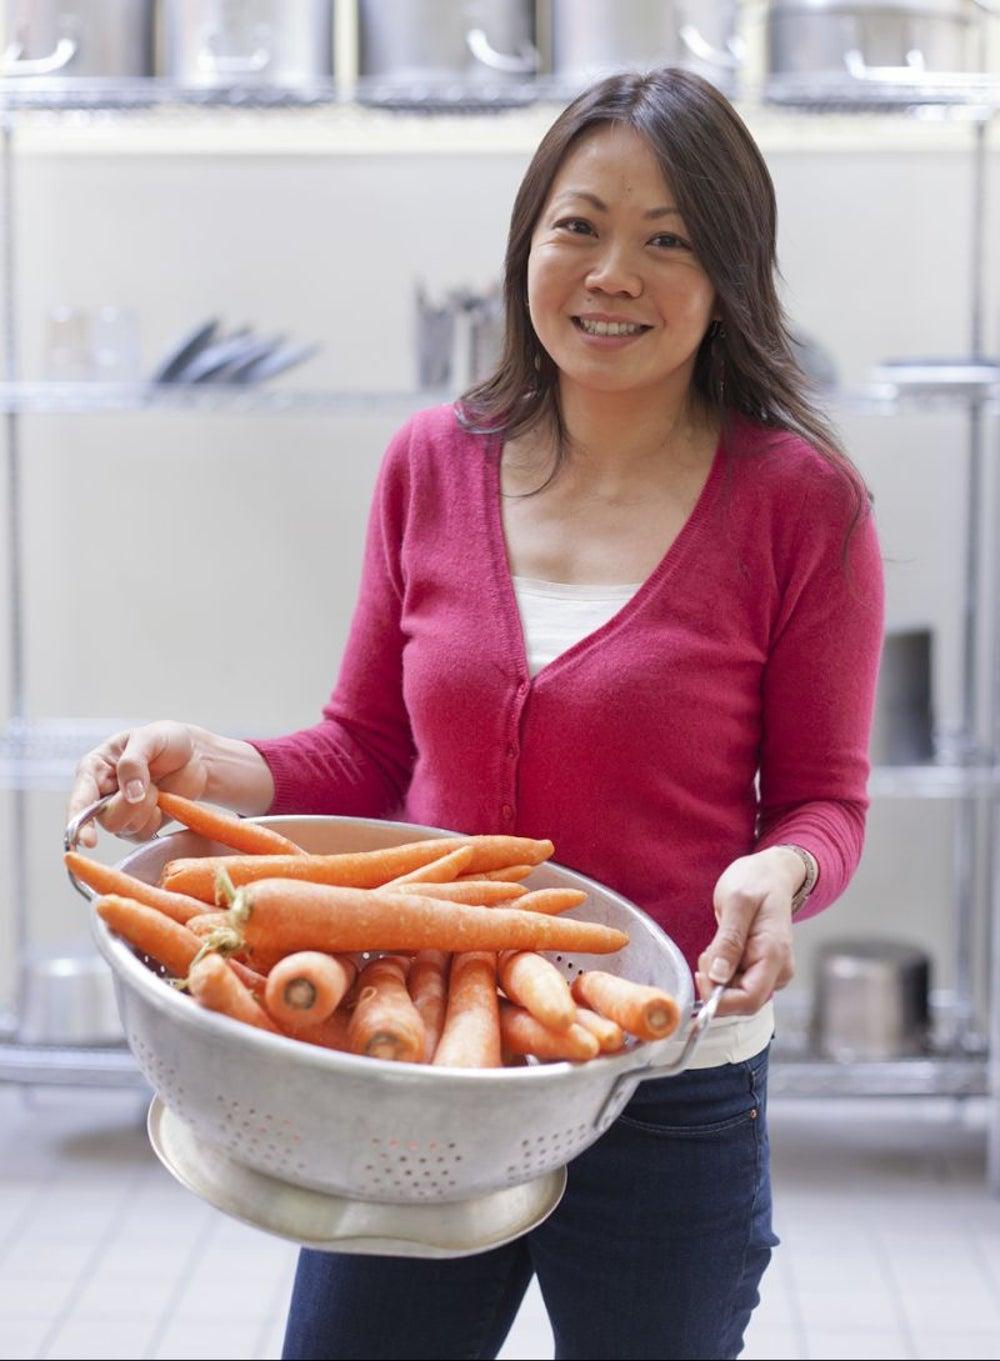 Nona Lim, founder of Nona Lim